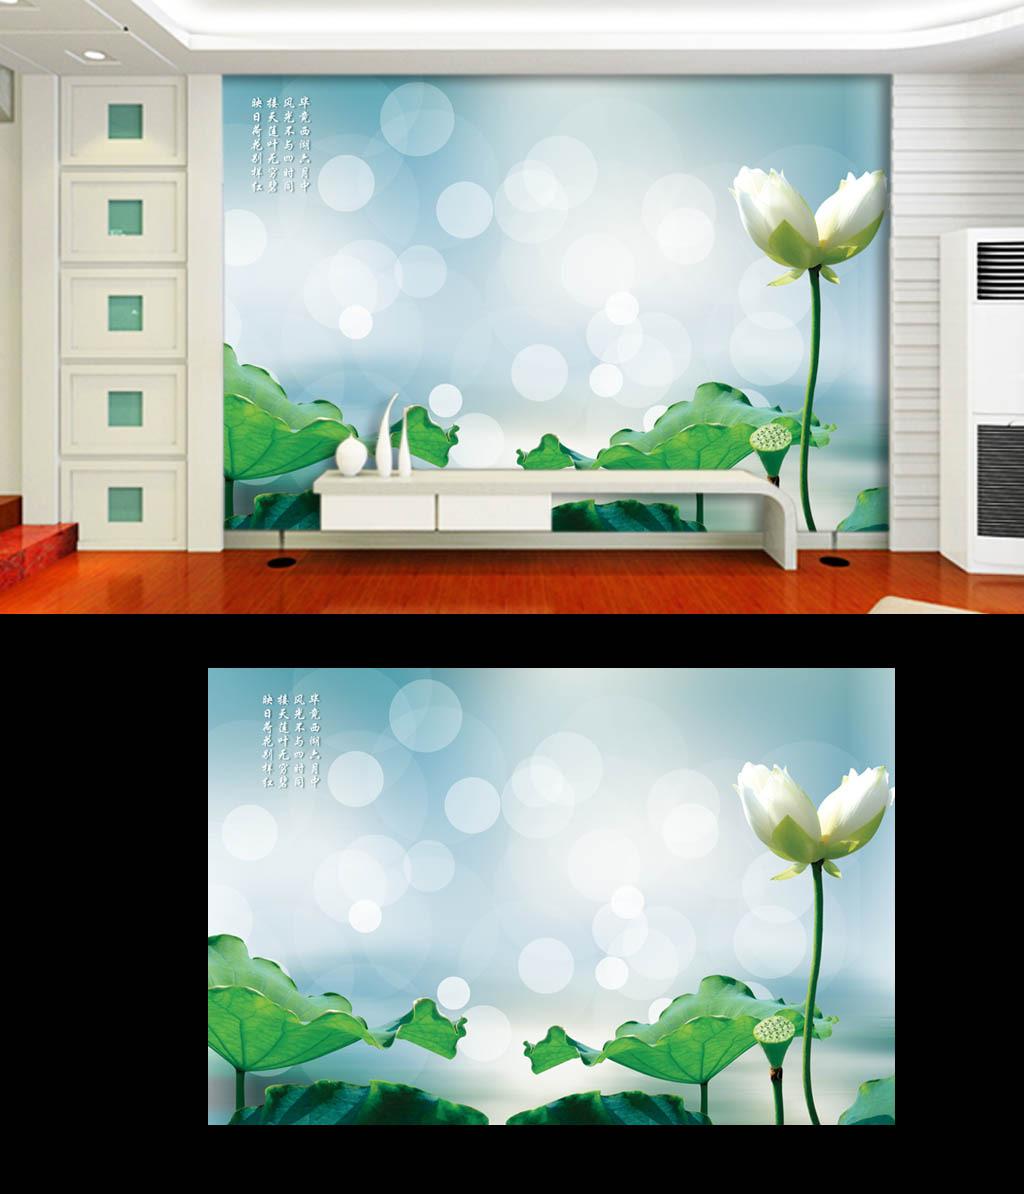 中国风电视背影墙之荷花